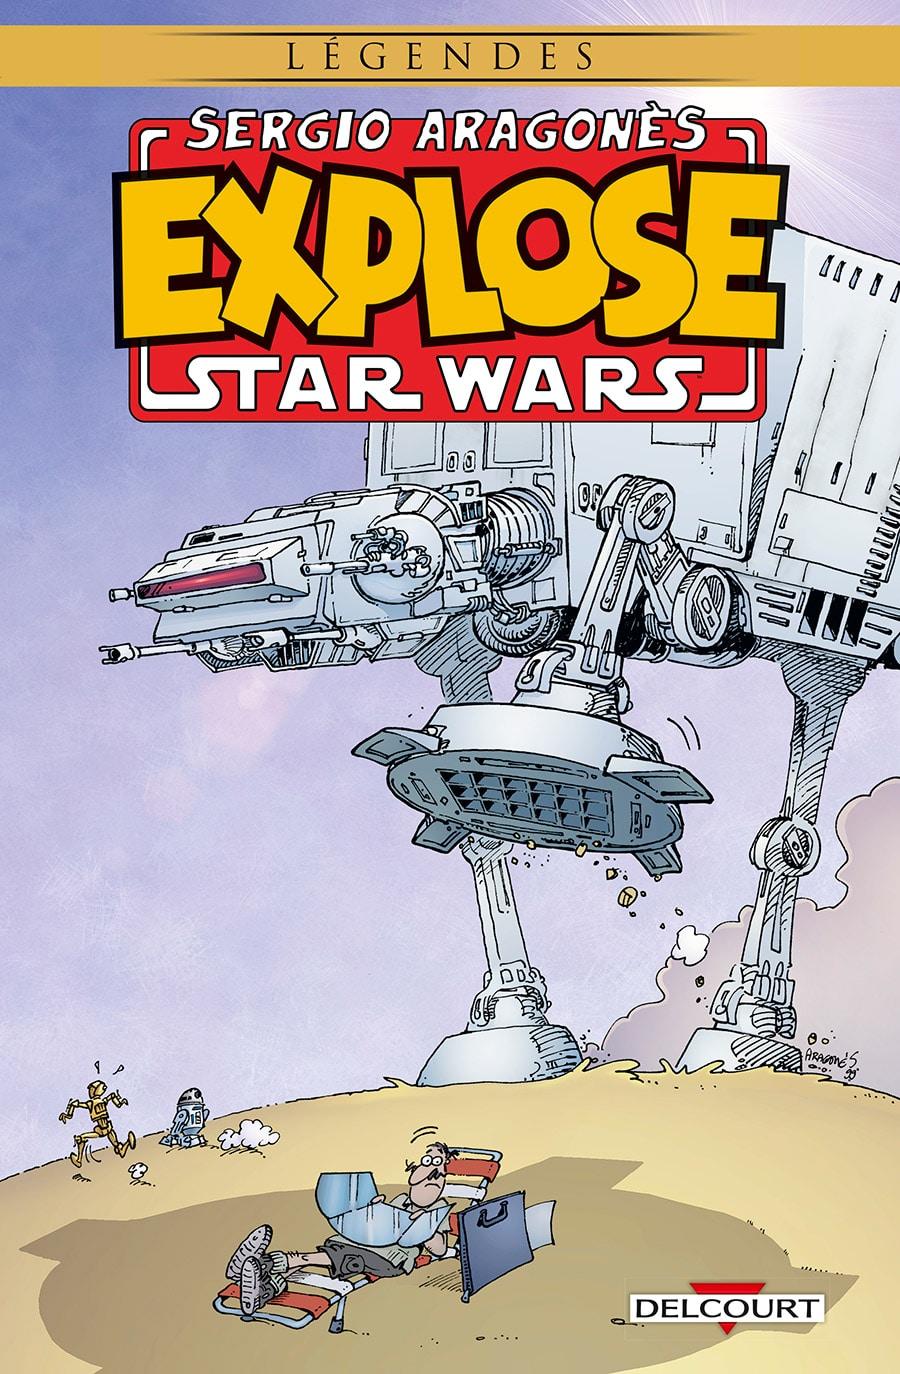 Sergio Aragones eplose Star Wars